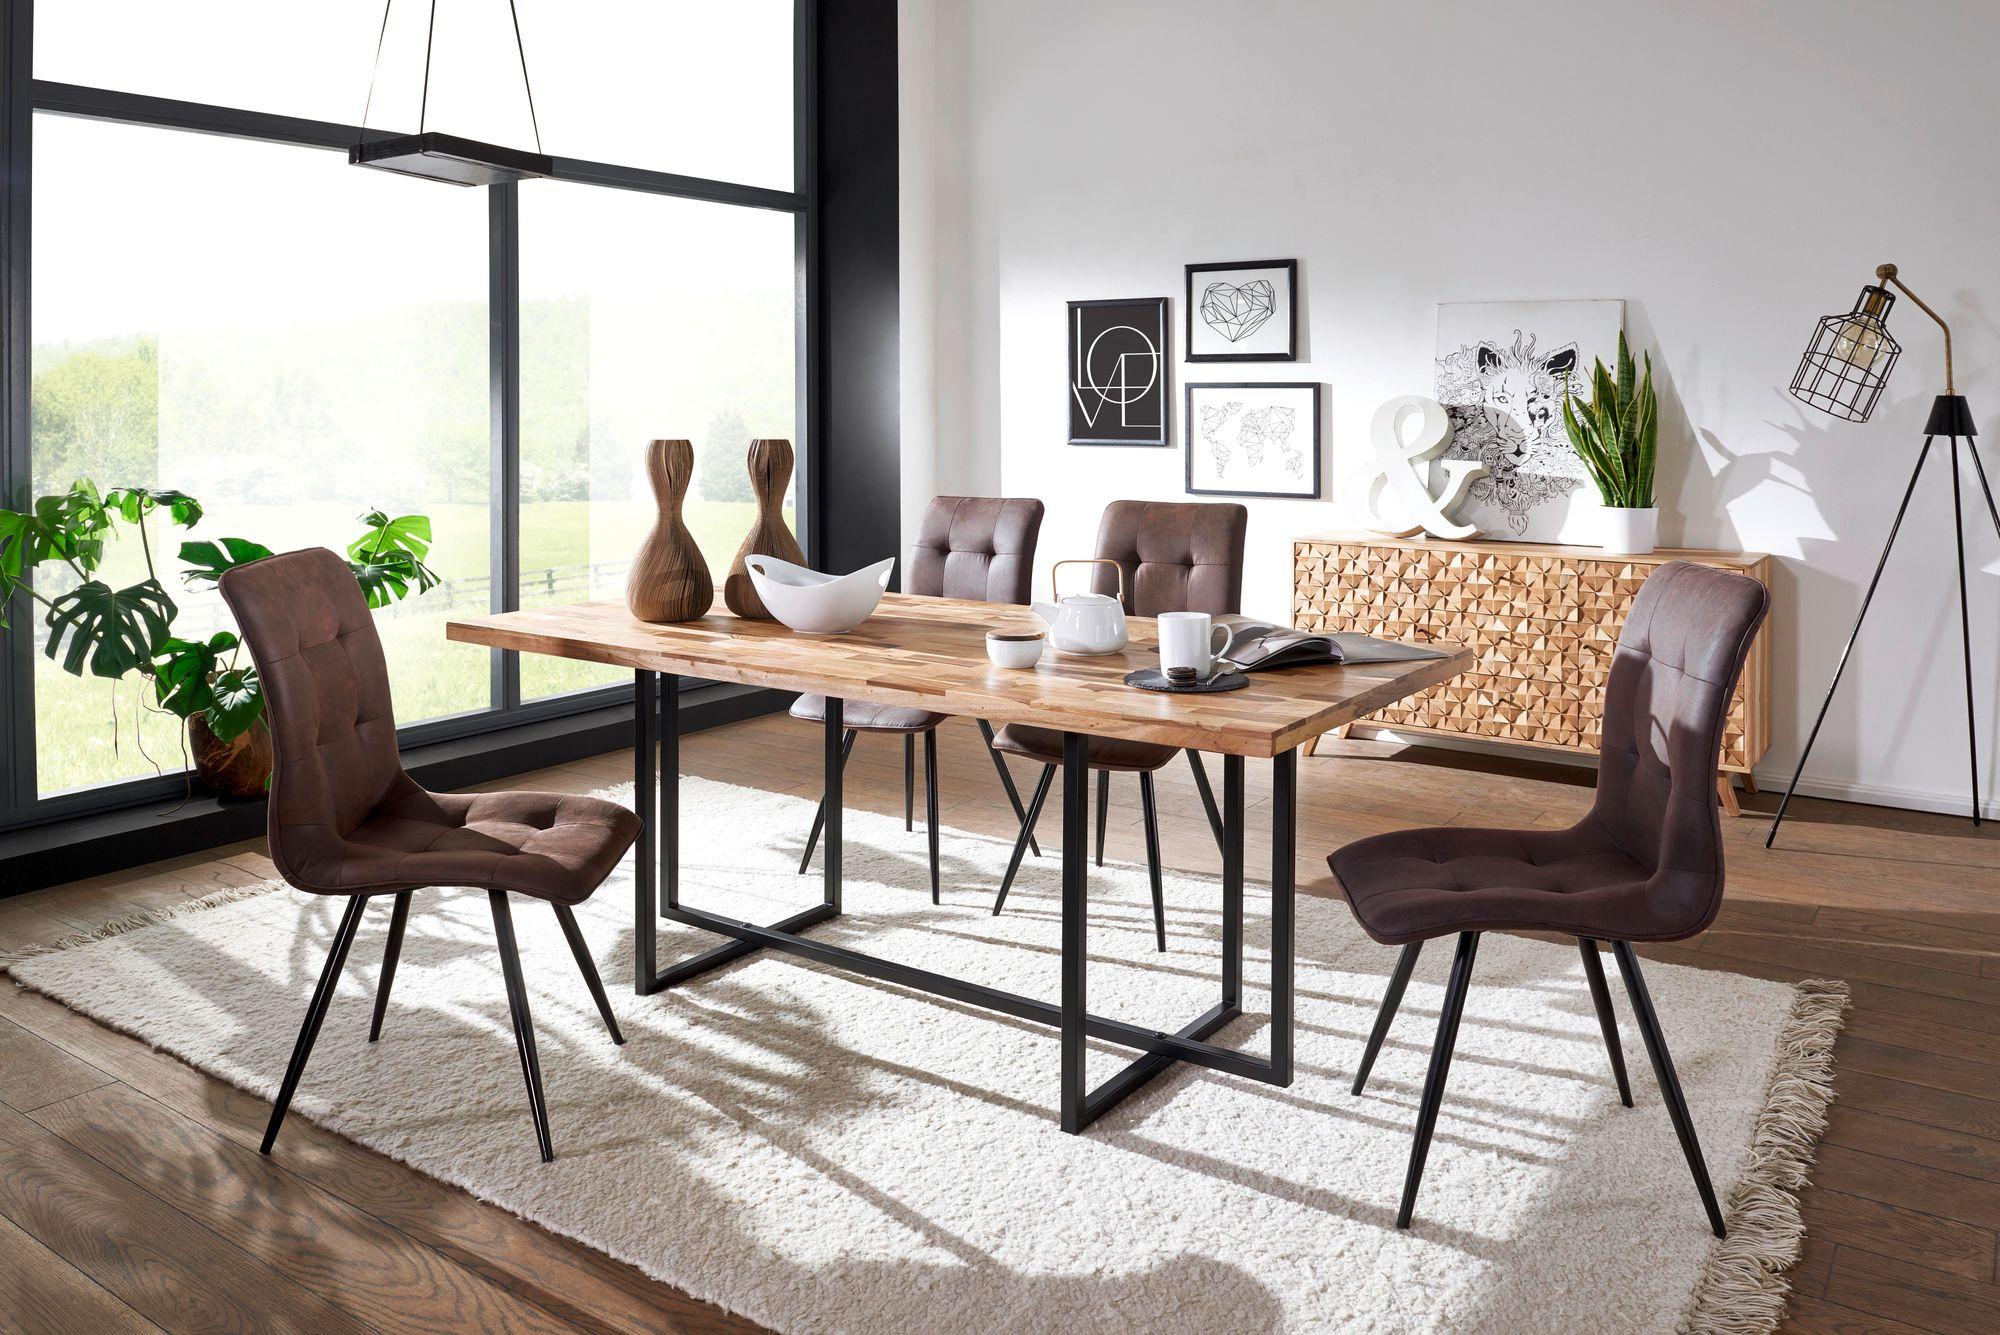 Esszimmertisch mit 4 Stühlen Holz Massiv Esstisch Set 200 cm Küchentisch  Groß